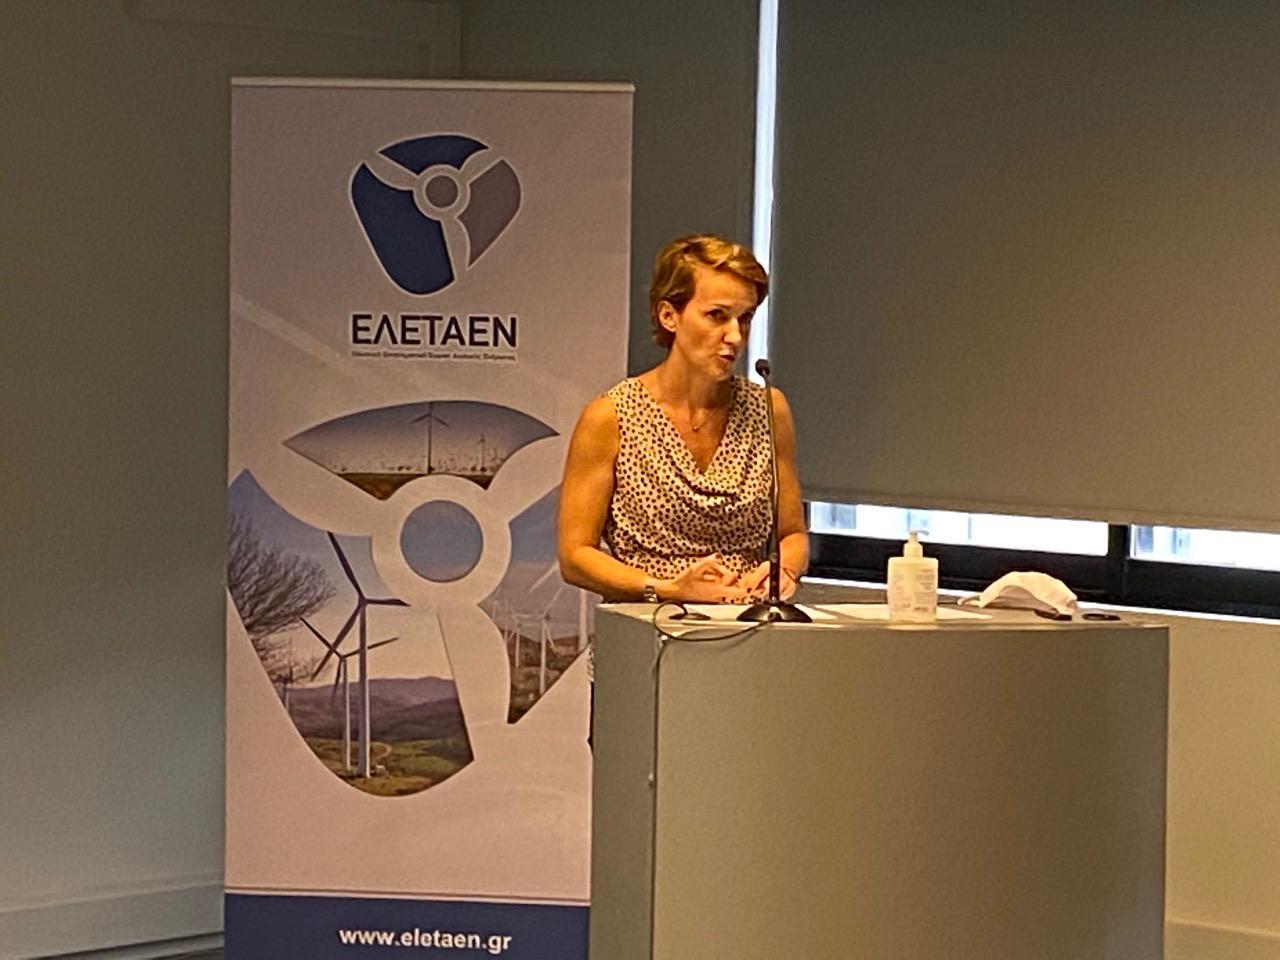 Αλεξάνδρα Σδούκου: Οι τρεις άξονες της ρύθμισης που επεξεργάζεται το ΥΠΕΝ για τα θαλάσσια αιολικά πάρκα